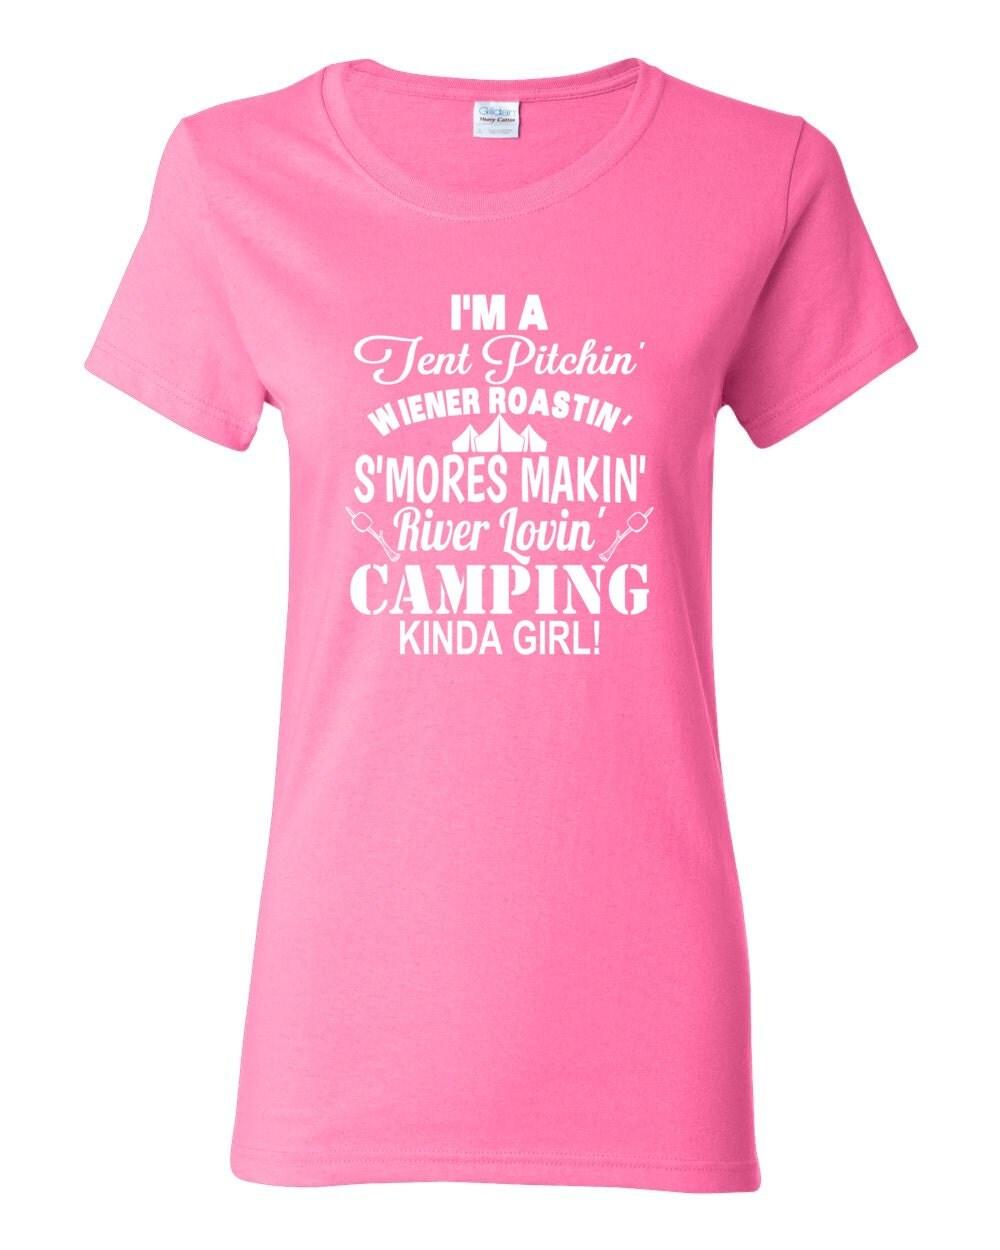 Camping T-shirt River Lovin' Edition - Camping Kinda Girl Womens Camping T-shirt